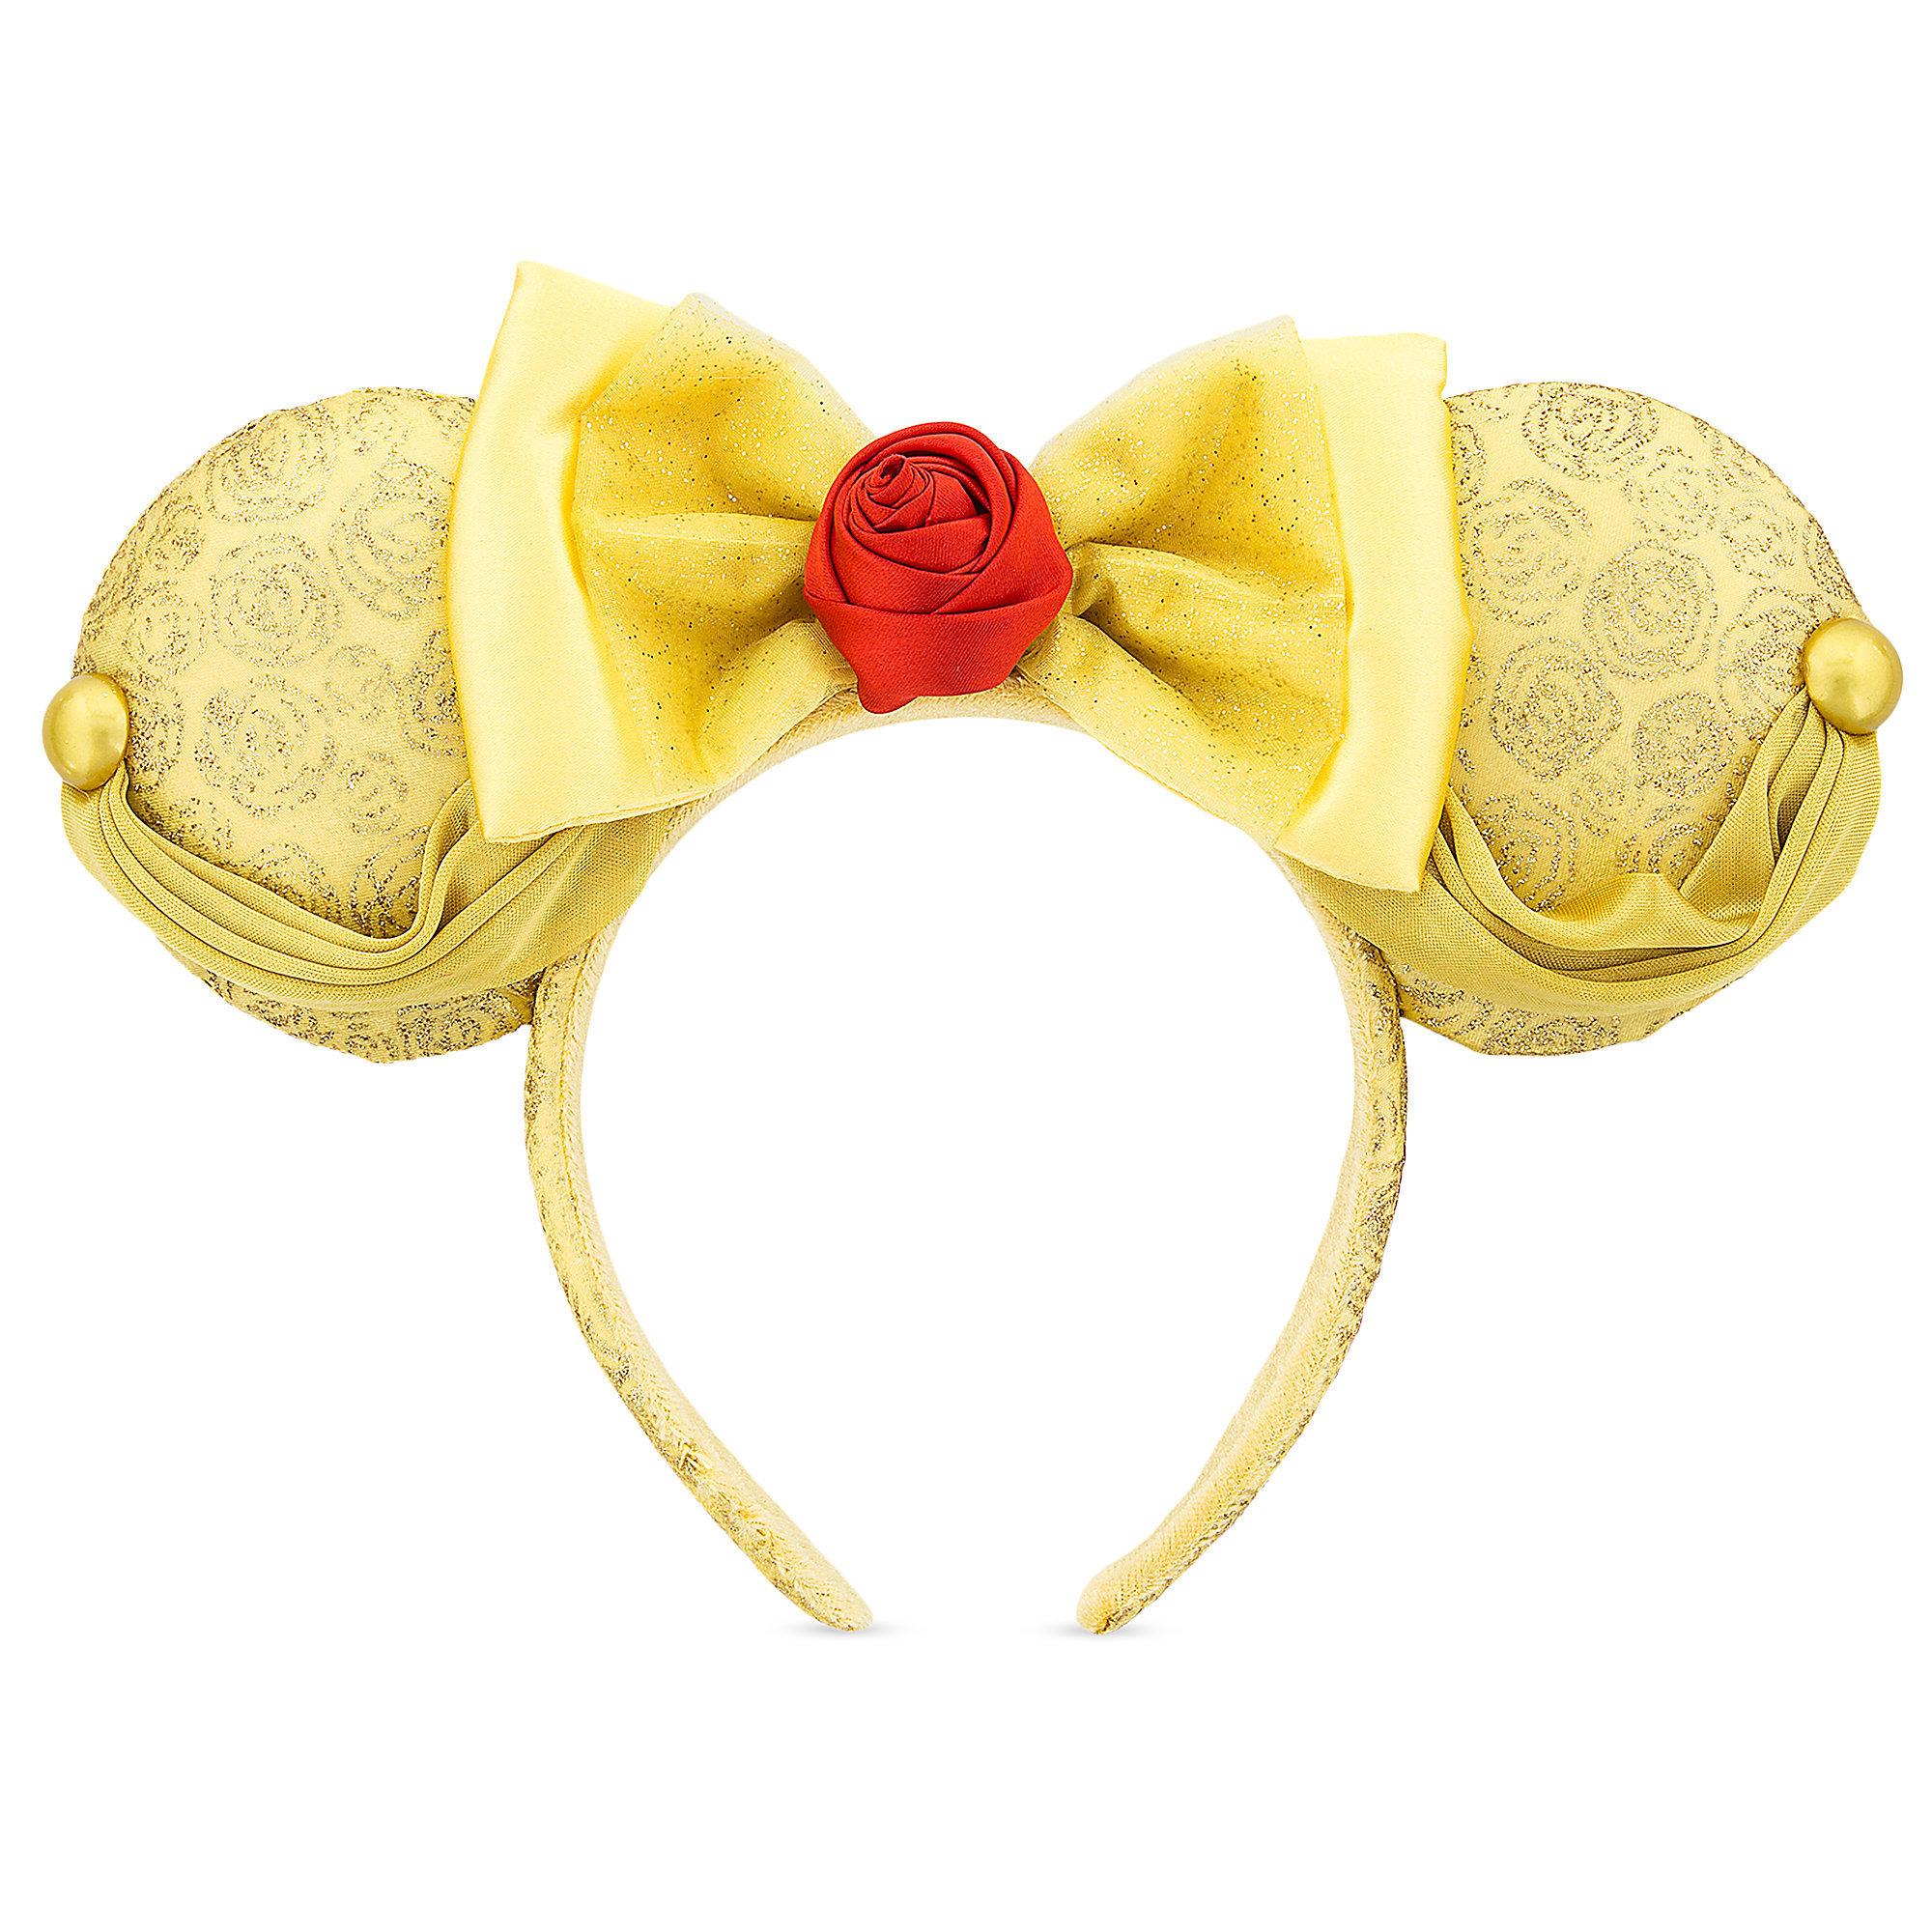 Princess Minnie Ears Beauty and the Beast Ears Minnie Ears Belle Mouse Ears LED Mickey Ears Flower Minnie Ears Mickey Ears